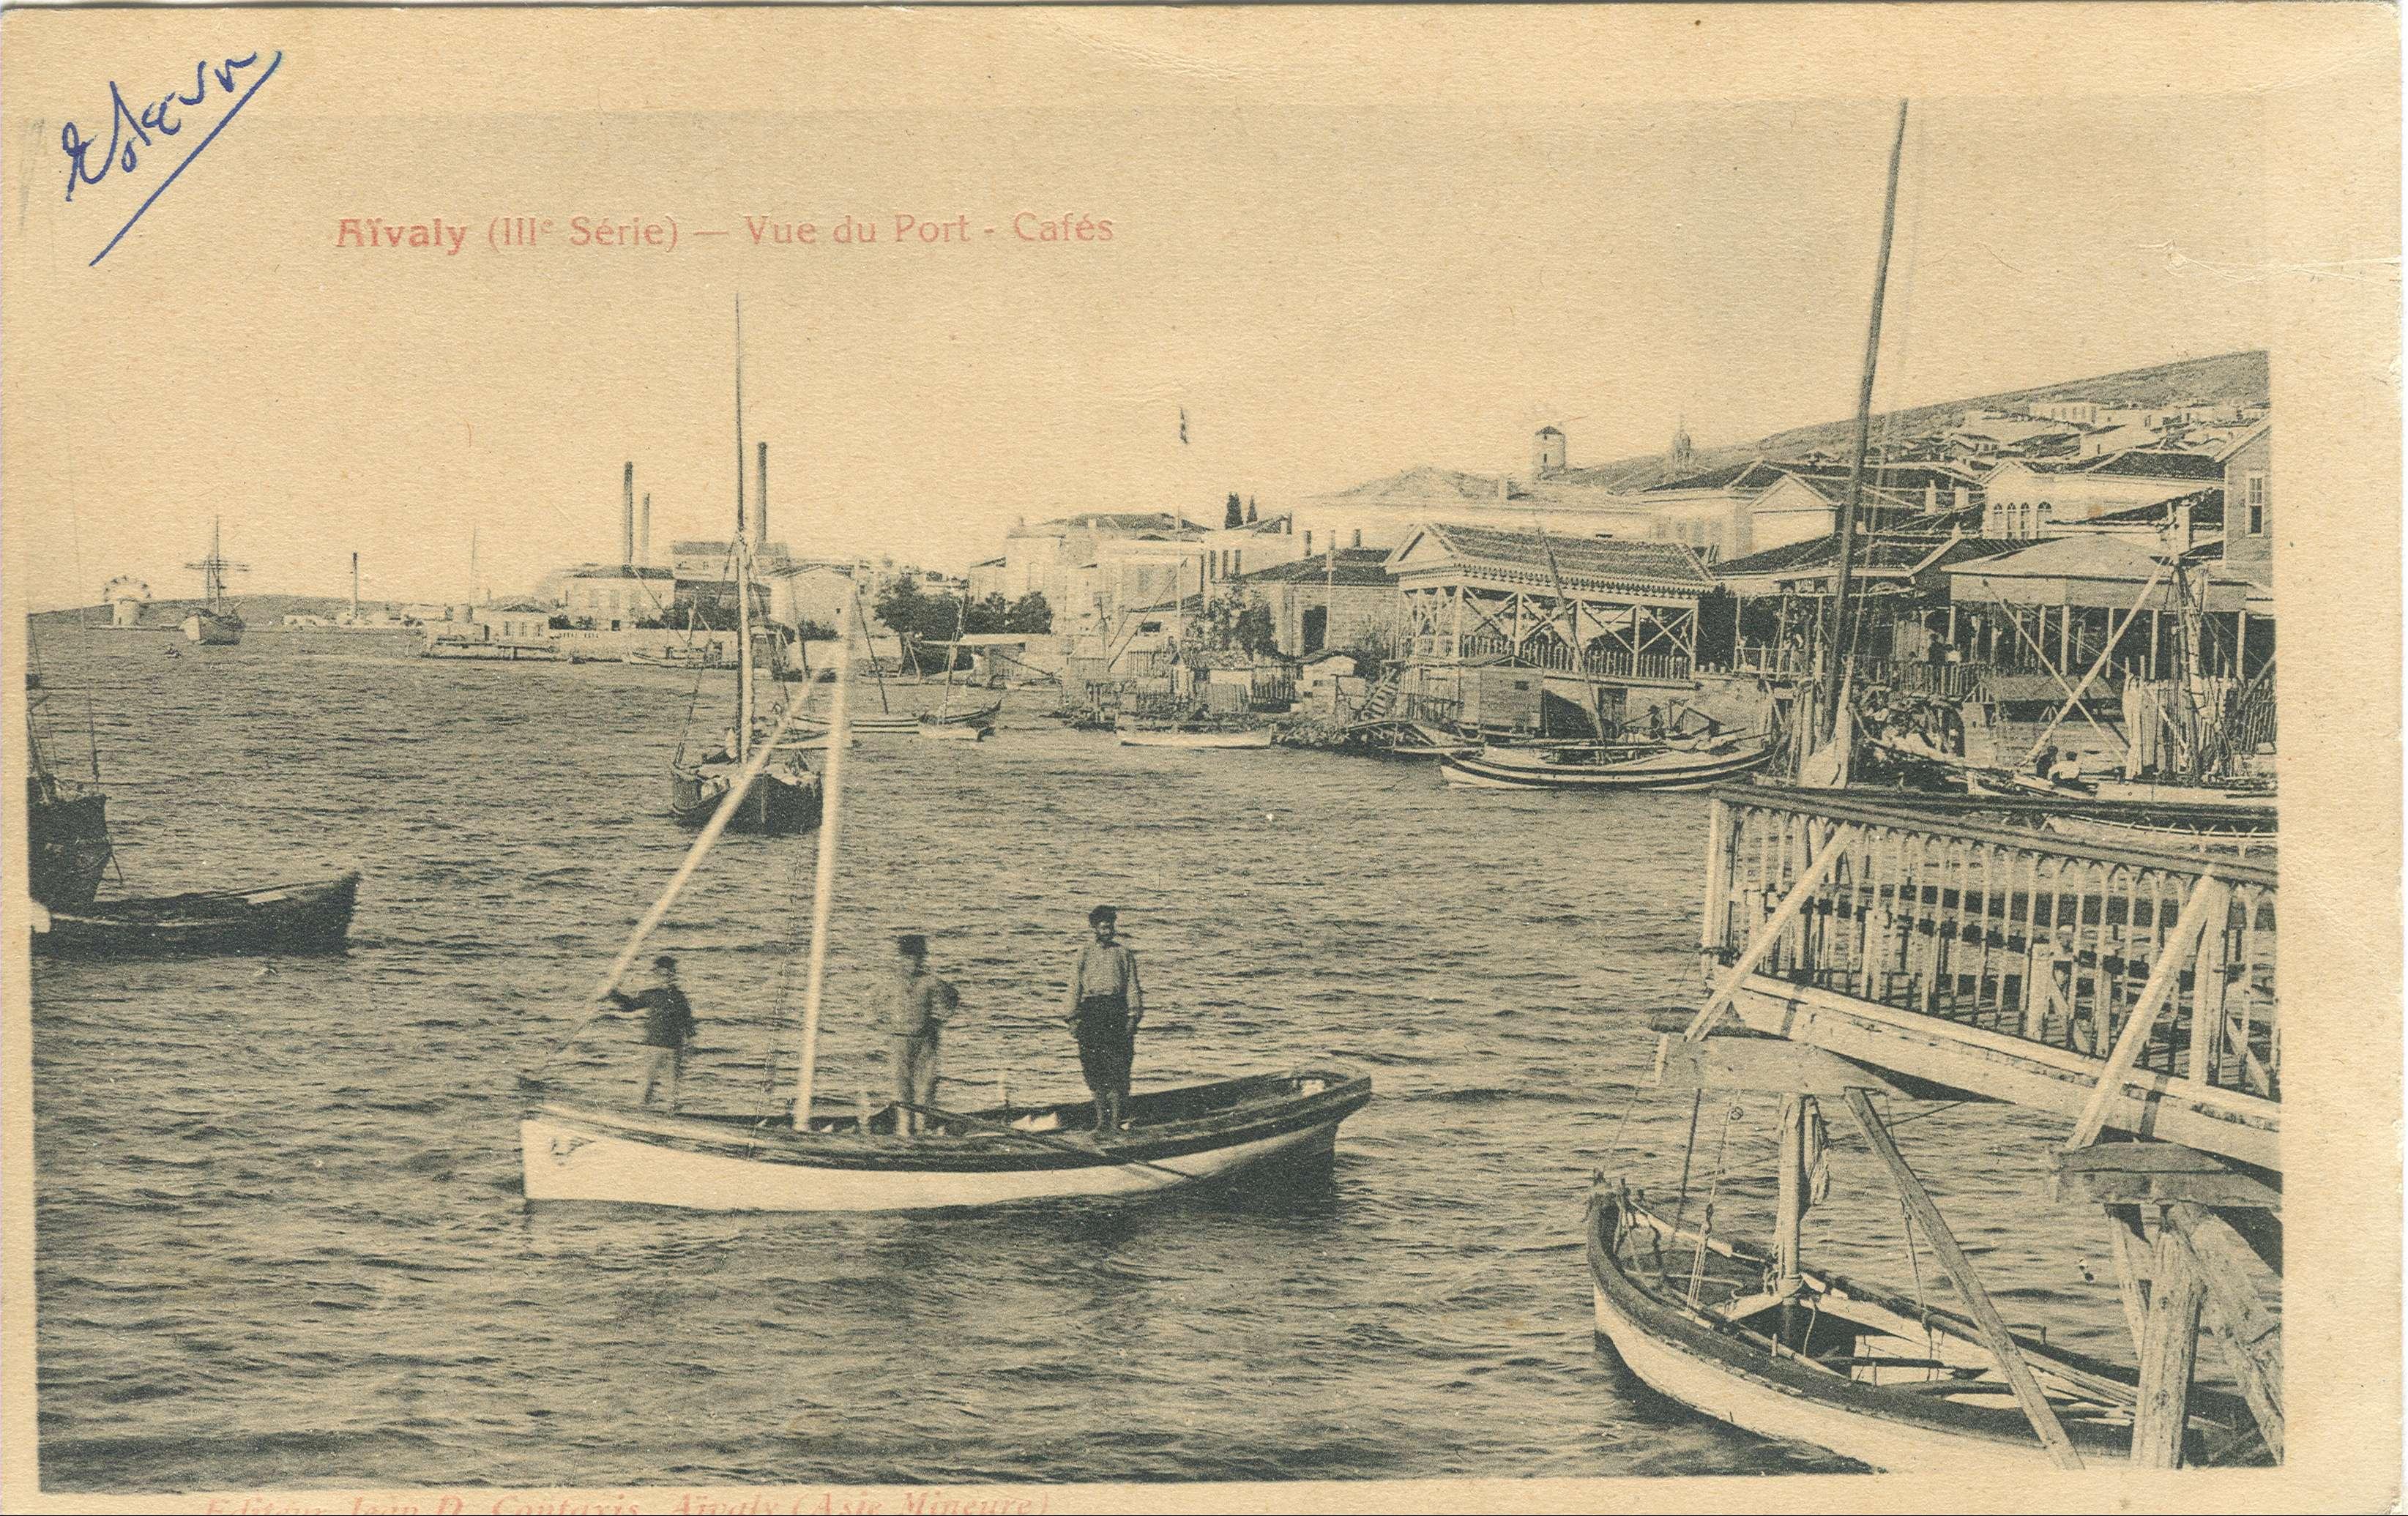 Αϊβαλί (Κυδωνιές). Το λιμάνι και η παραλία με τα καφενεία, ευχετήρια κάρτα 1910-20. Με τη συνθήκη της Λωζάννης και την Ανταλλαγή των πληθυσμών οι Τουρκοκρητικοί εκπατρίστηκαν και εγκαταστάθηκαν κυρίως στο Αϊβαλί της Μ. Ασίας.